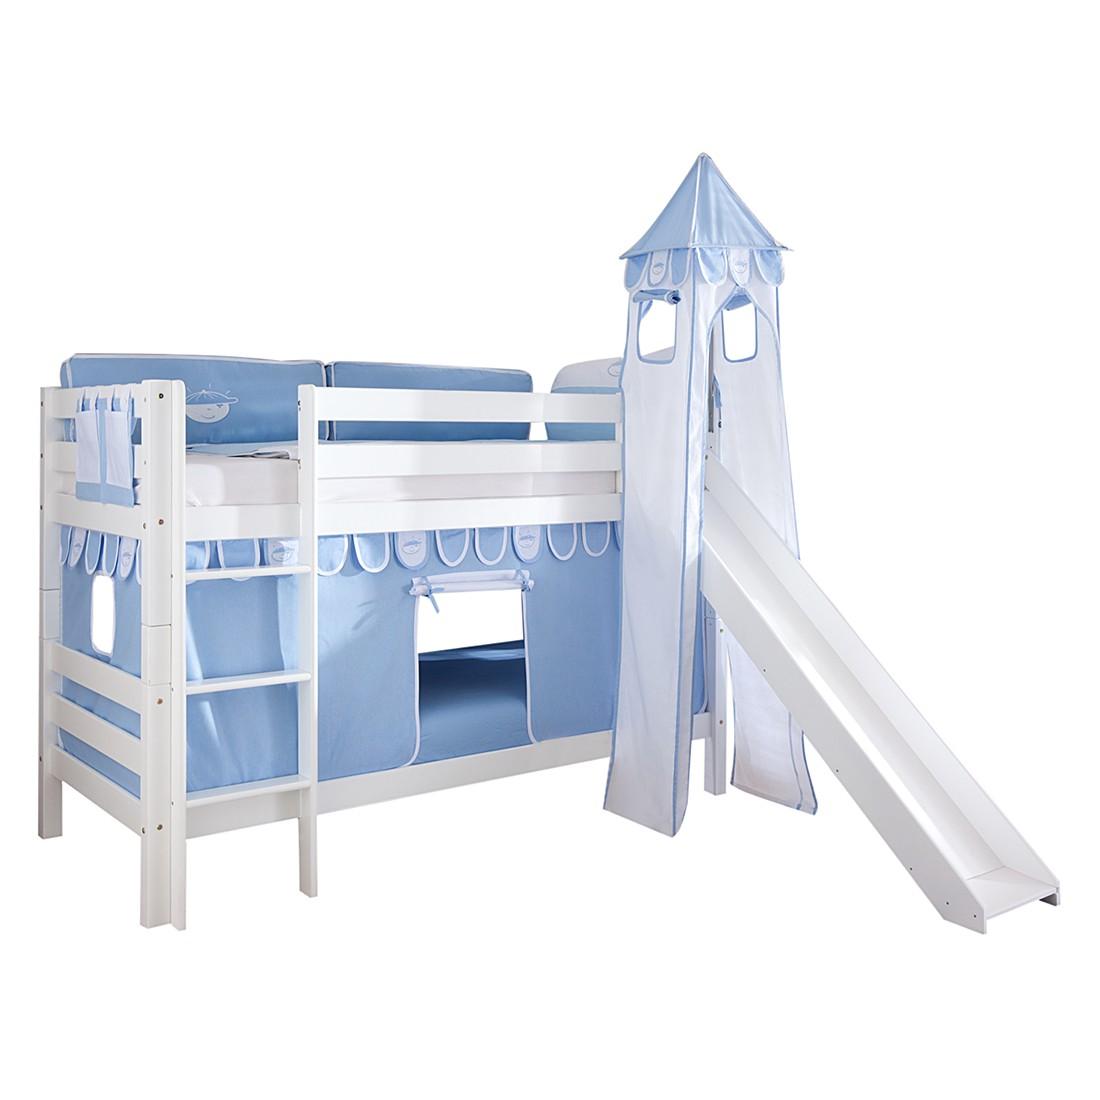 Spielbett Beni - mit Rutsche, Vorhang, Turm und Tasche - Buche massiv weiß lackiert/Textil Blau-Boy, Relita